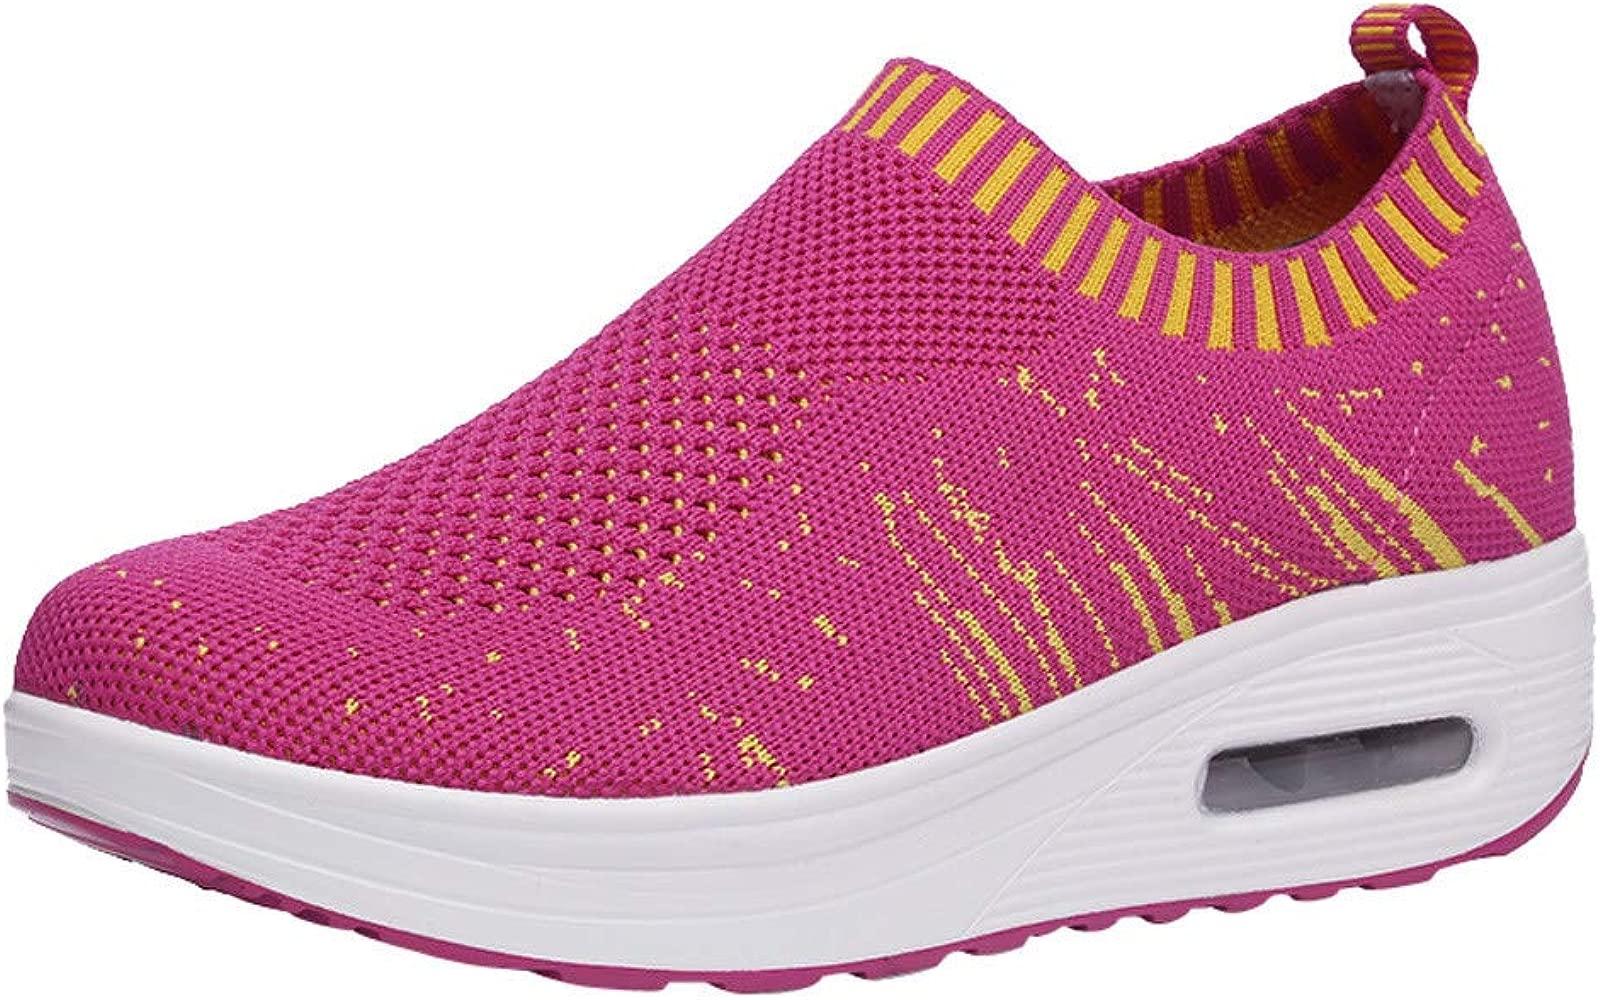 Beladla Zapatillas Deportivas De Mujer - Zapatos Sneakers Zapatillas Mujer Running Casual Yoga Calzado Deportivo De Exterior De Mujer Blanco Negro ...